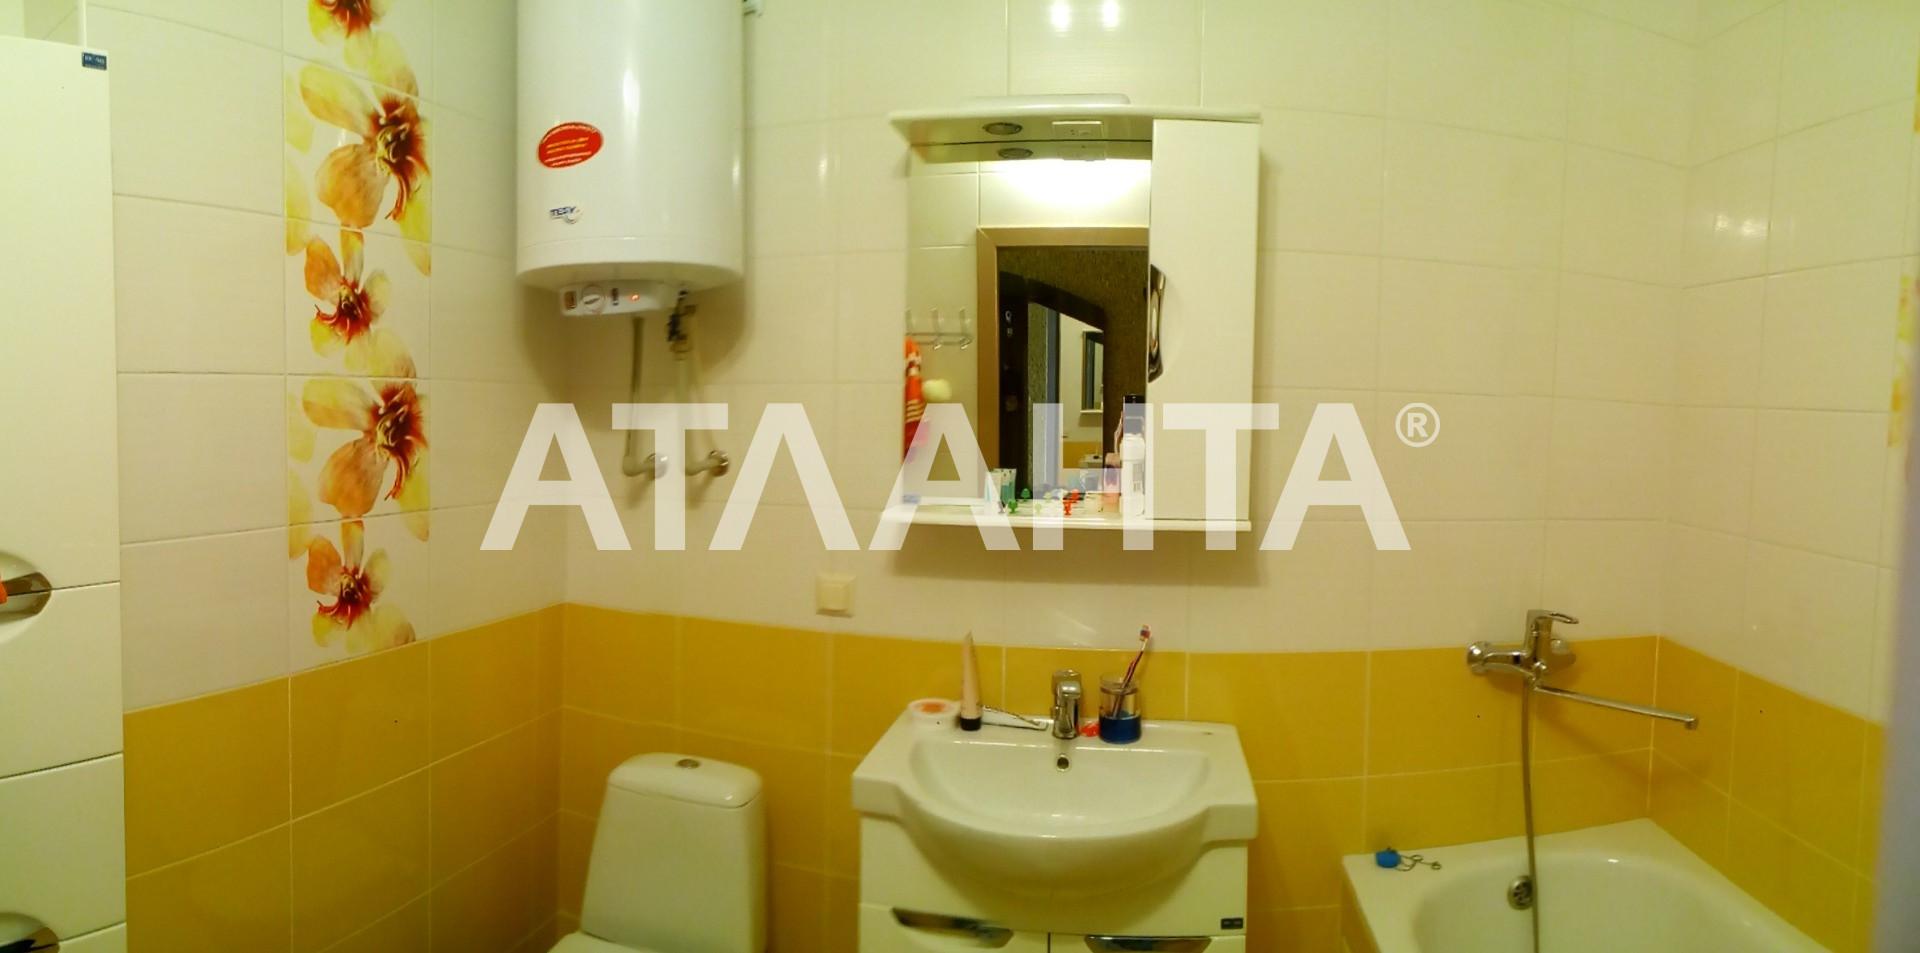 Продается 1-комнатная Квартира на ул. Марсельская — 47 000 у.е. (фото №5)